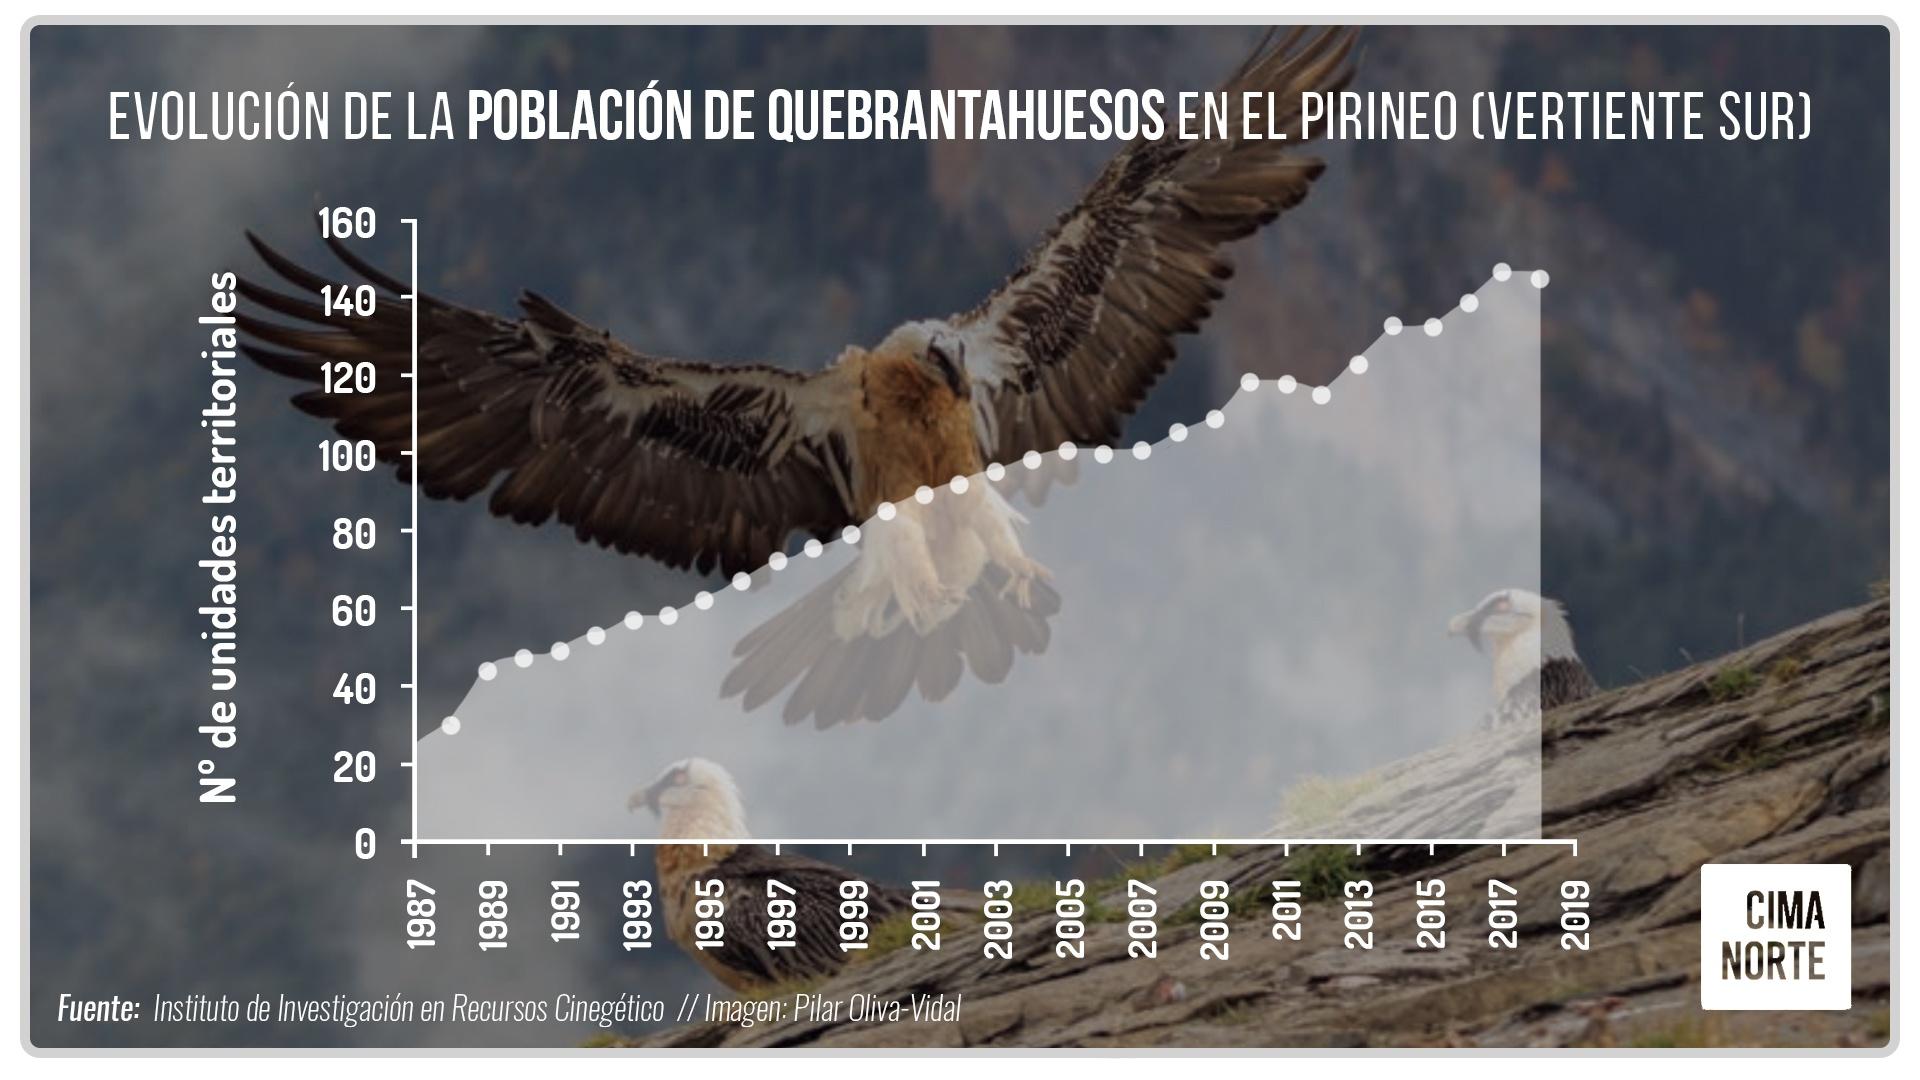 Evolución de la población de quebrantahuesos en el Pirineo (vertiente sur)